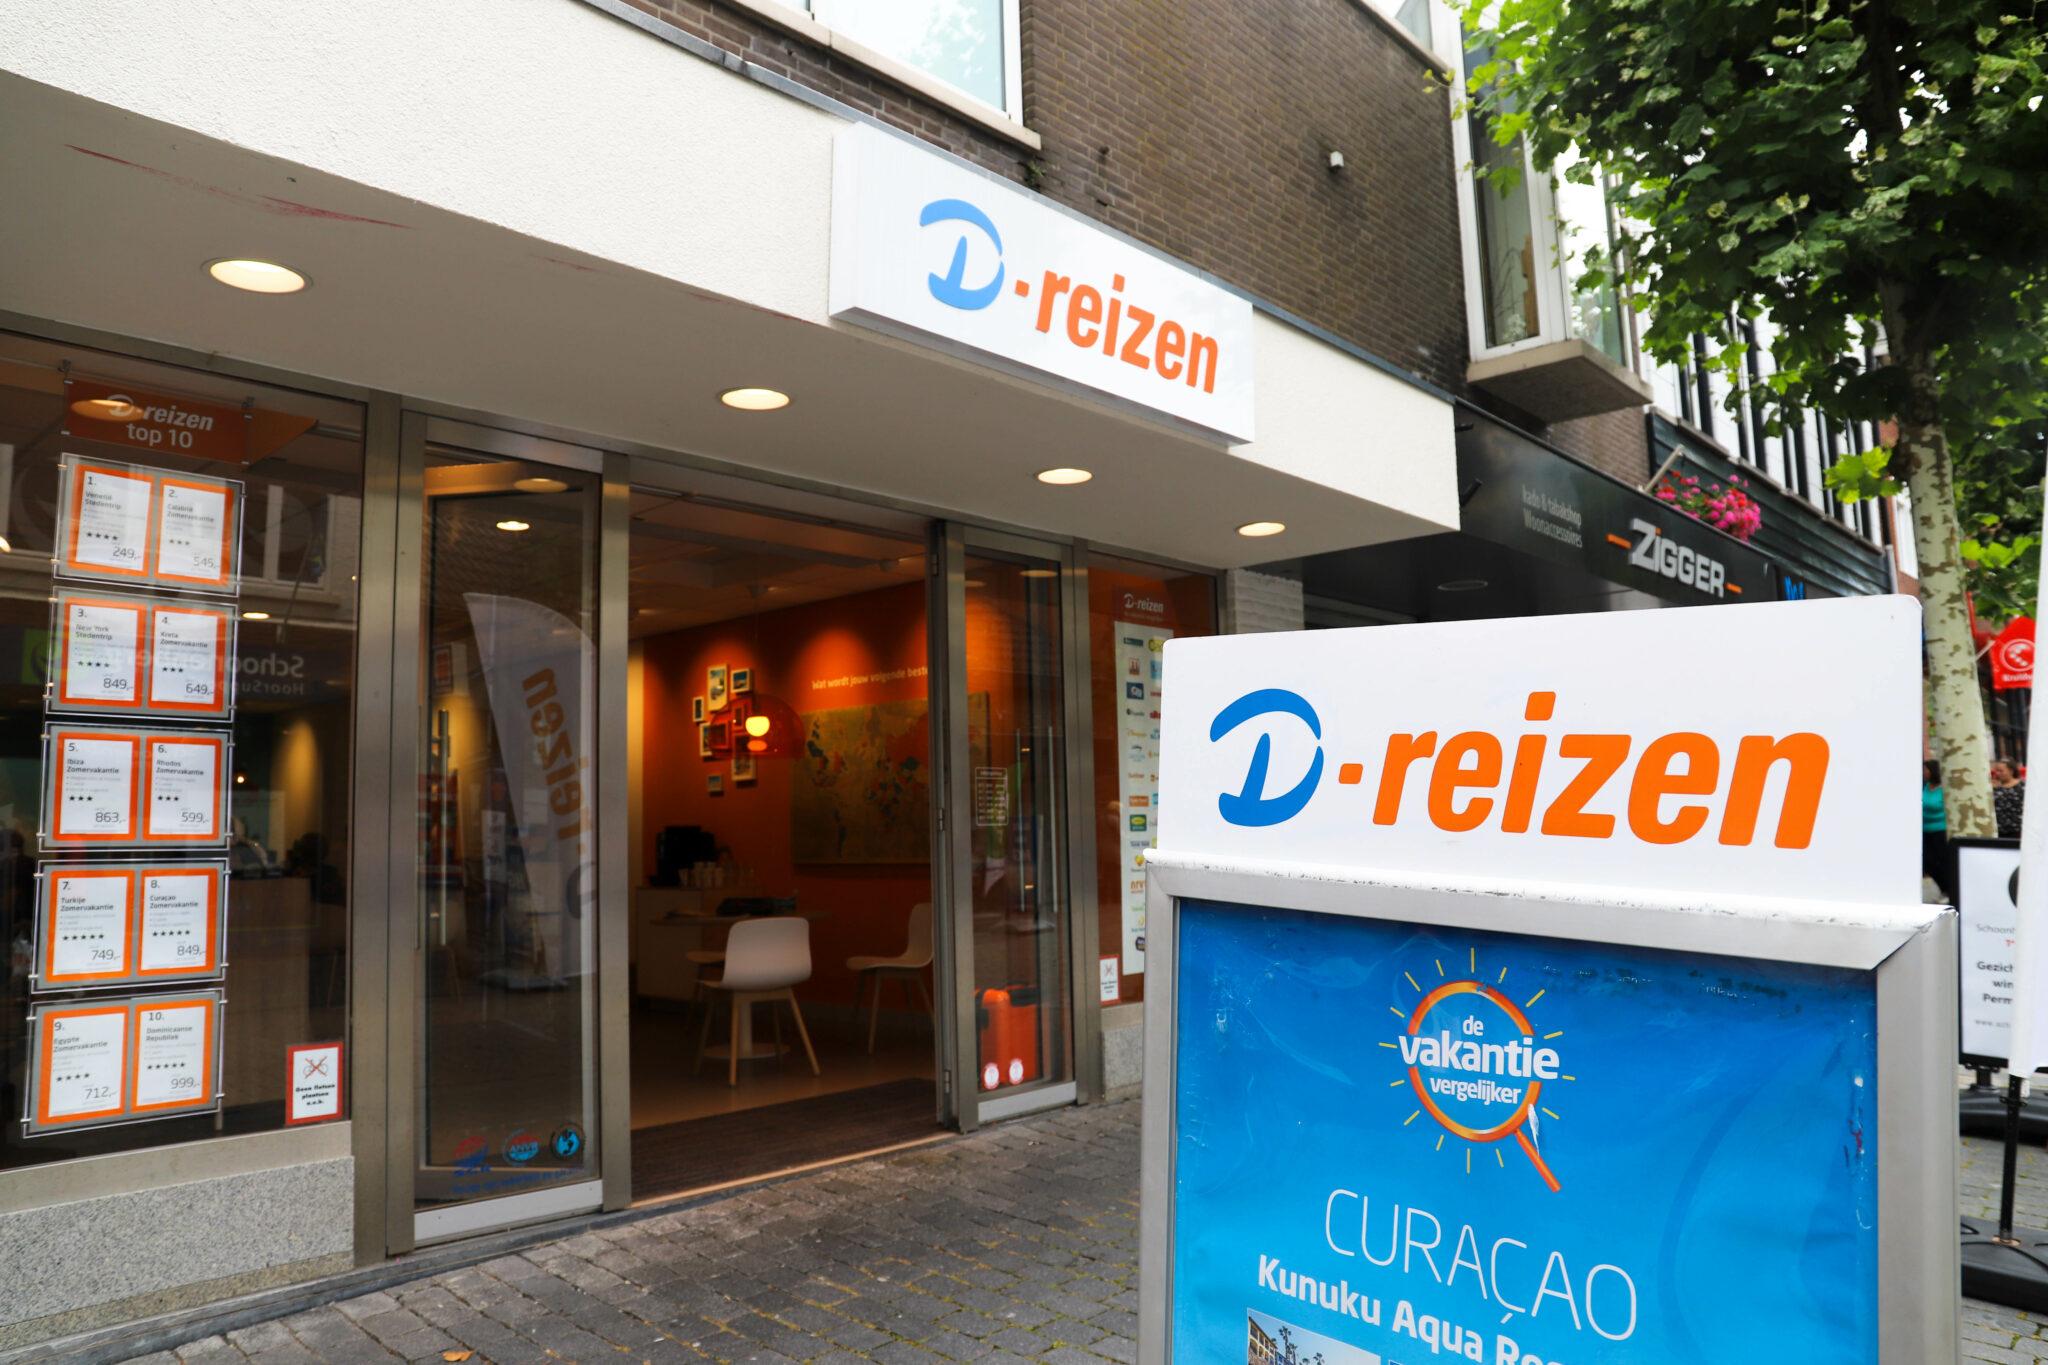 D-reizen D-reizen in Bergen op Zoom gaat dicht vanwege faillissement